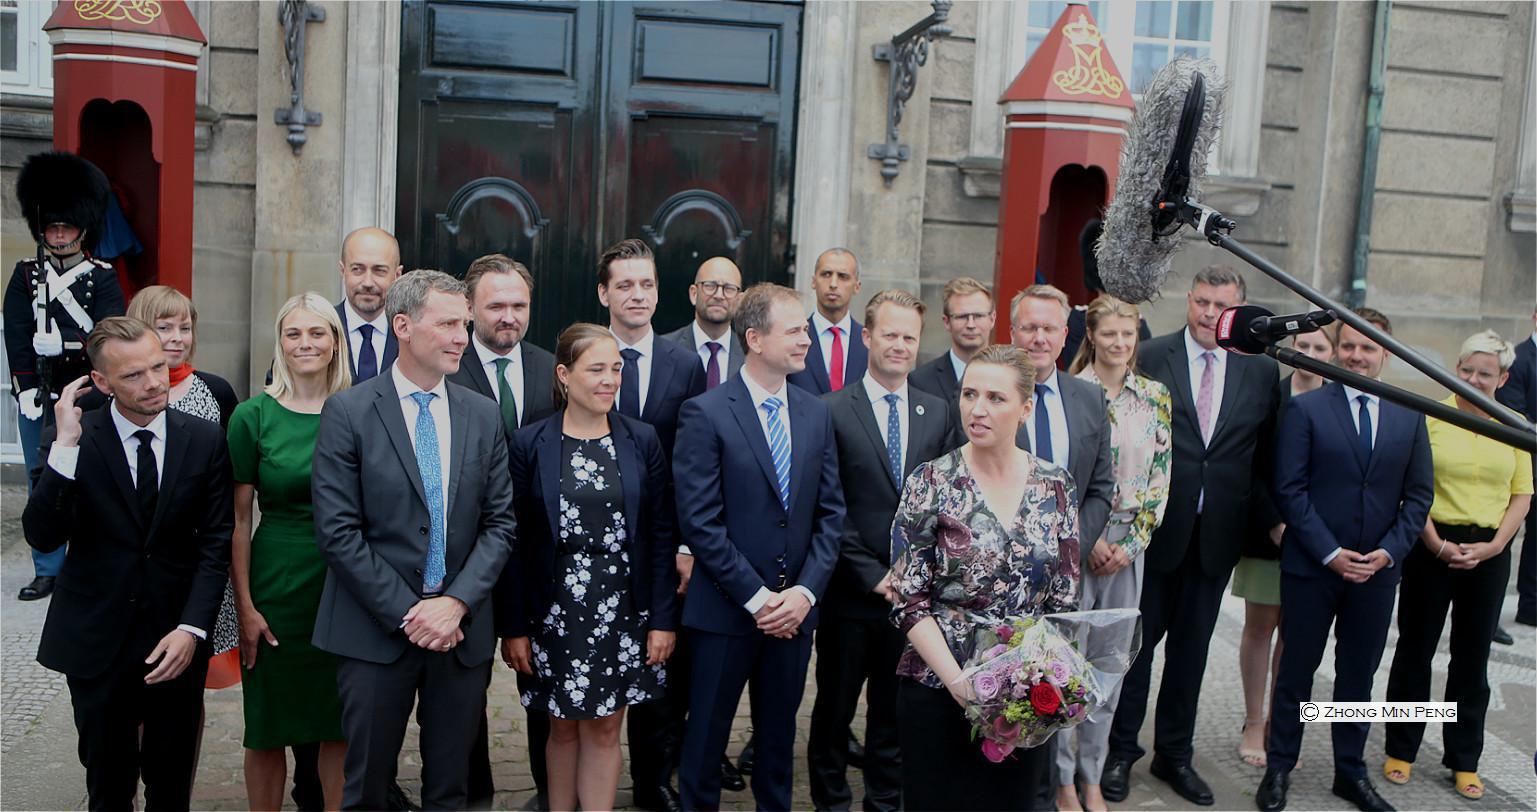 Statsministerens hold af 19 ministre praesenteret ved Amalienborg